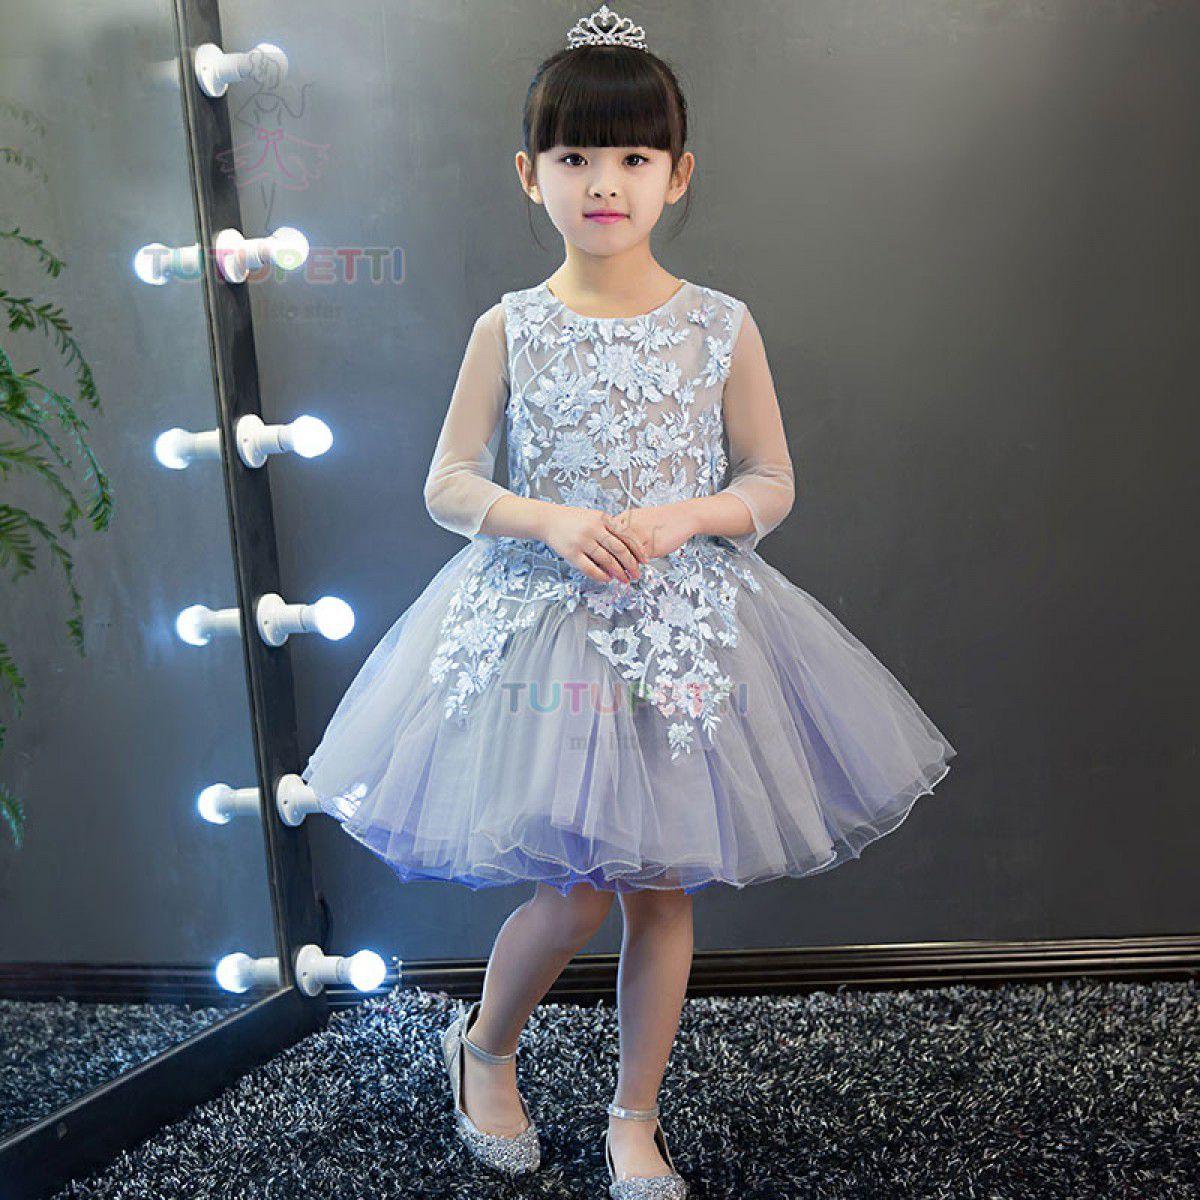 Áo đầm cho bé 10 tuổi mùa hè 2